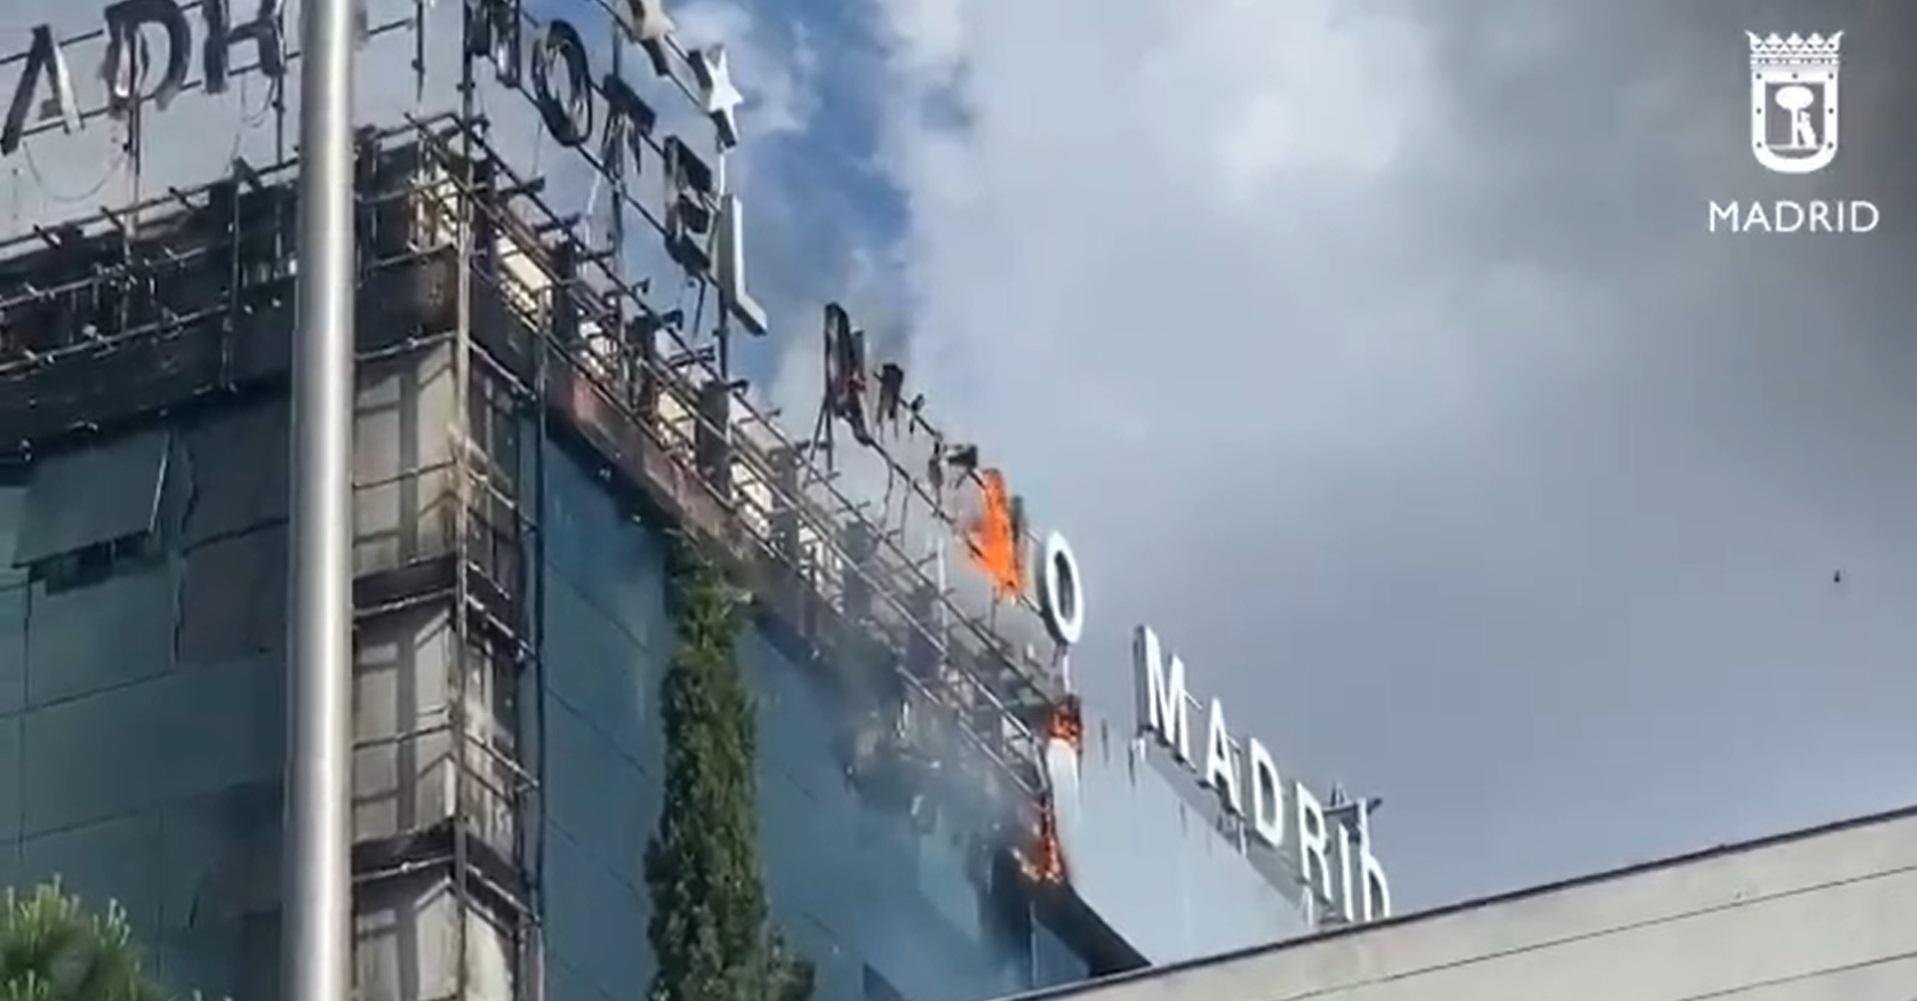 Imatge de l'incendi de part de la façana de l'hotel Nuevo Madrid